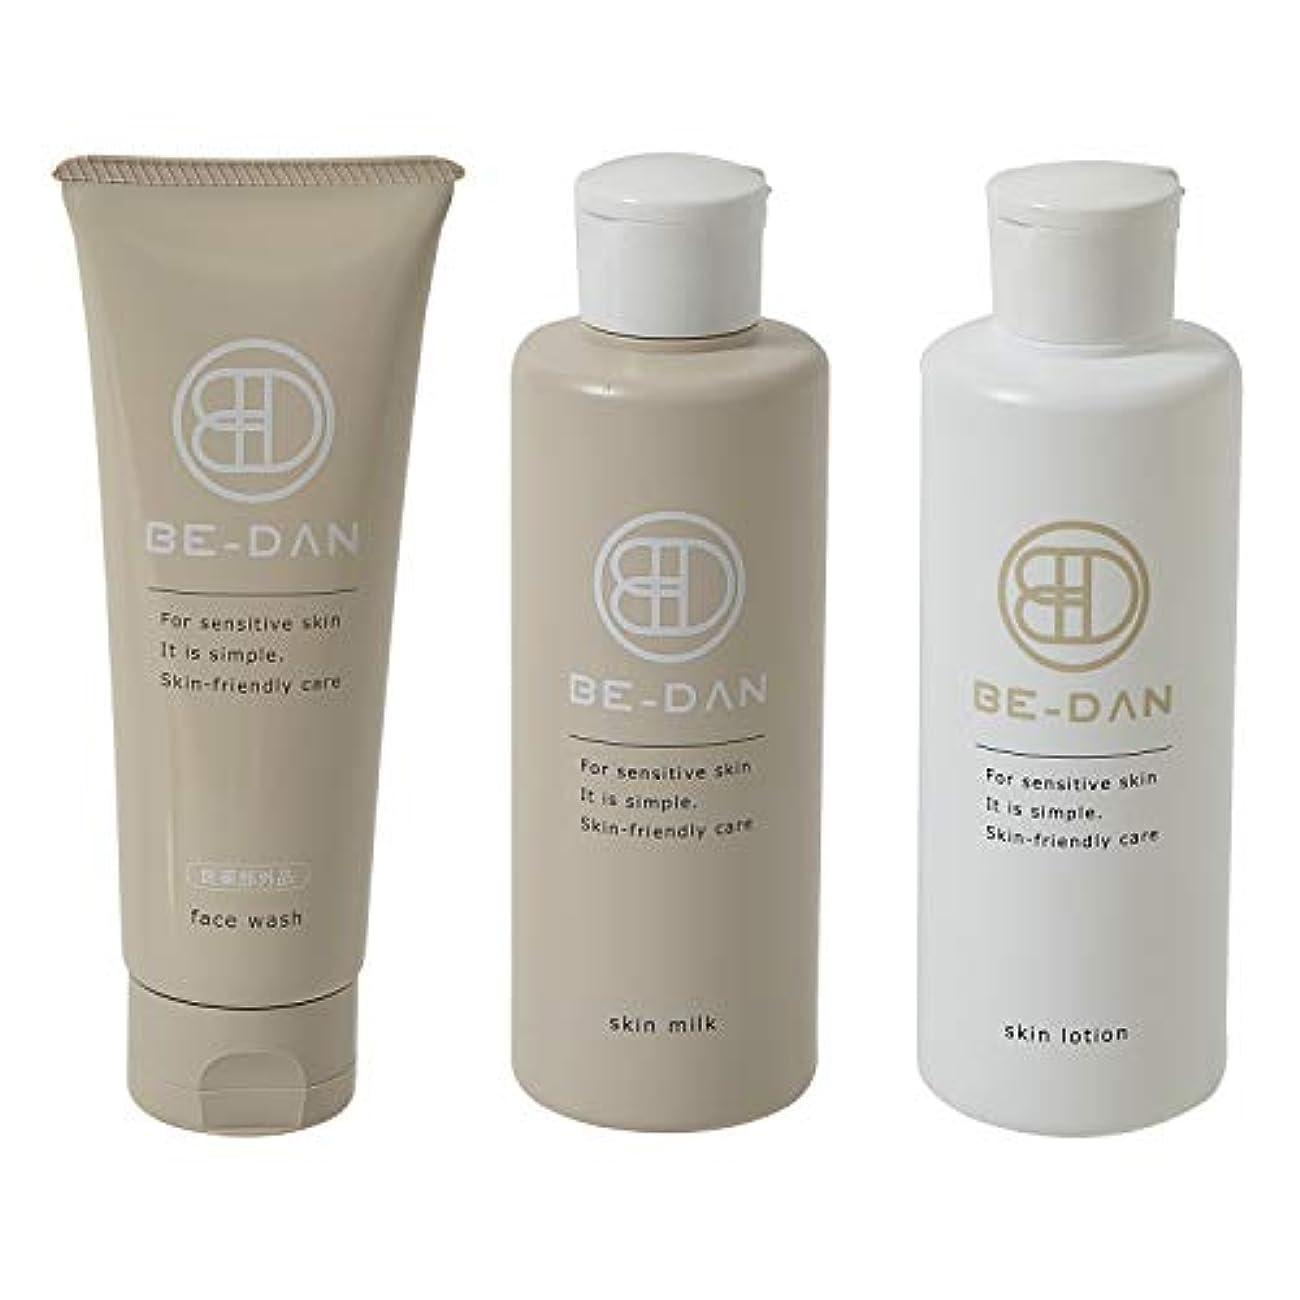 生き返らせる負荷一般的なBE-DAN スキンケアセット(洗顔+化粧水+乳液)